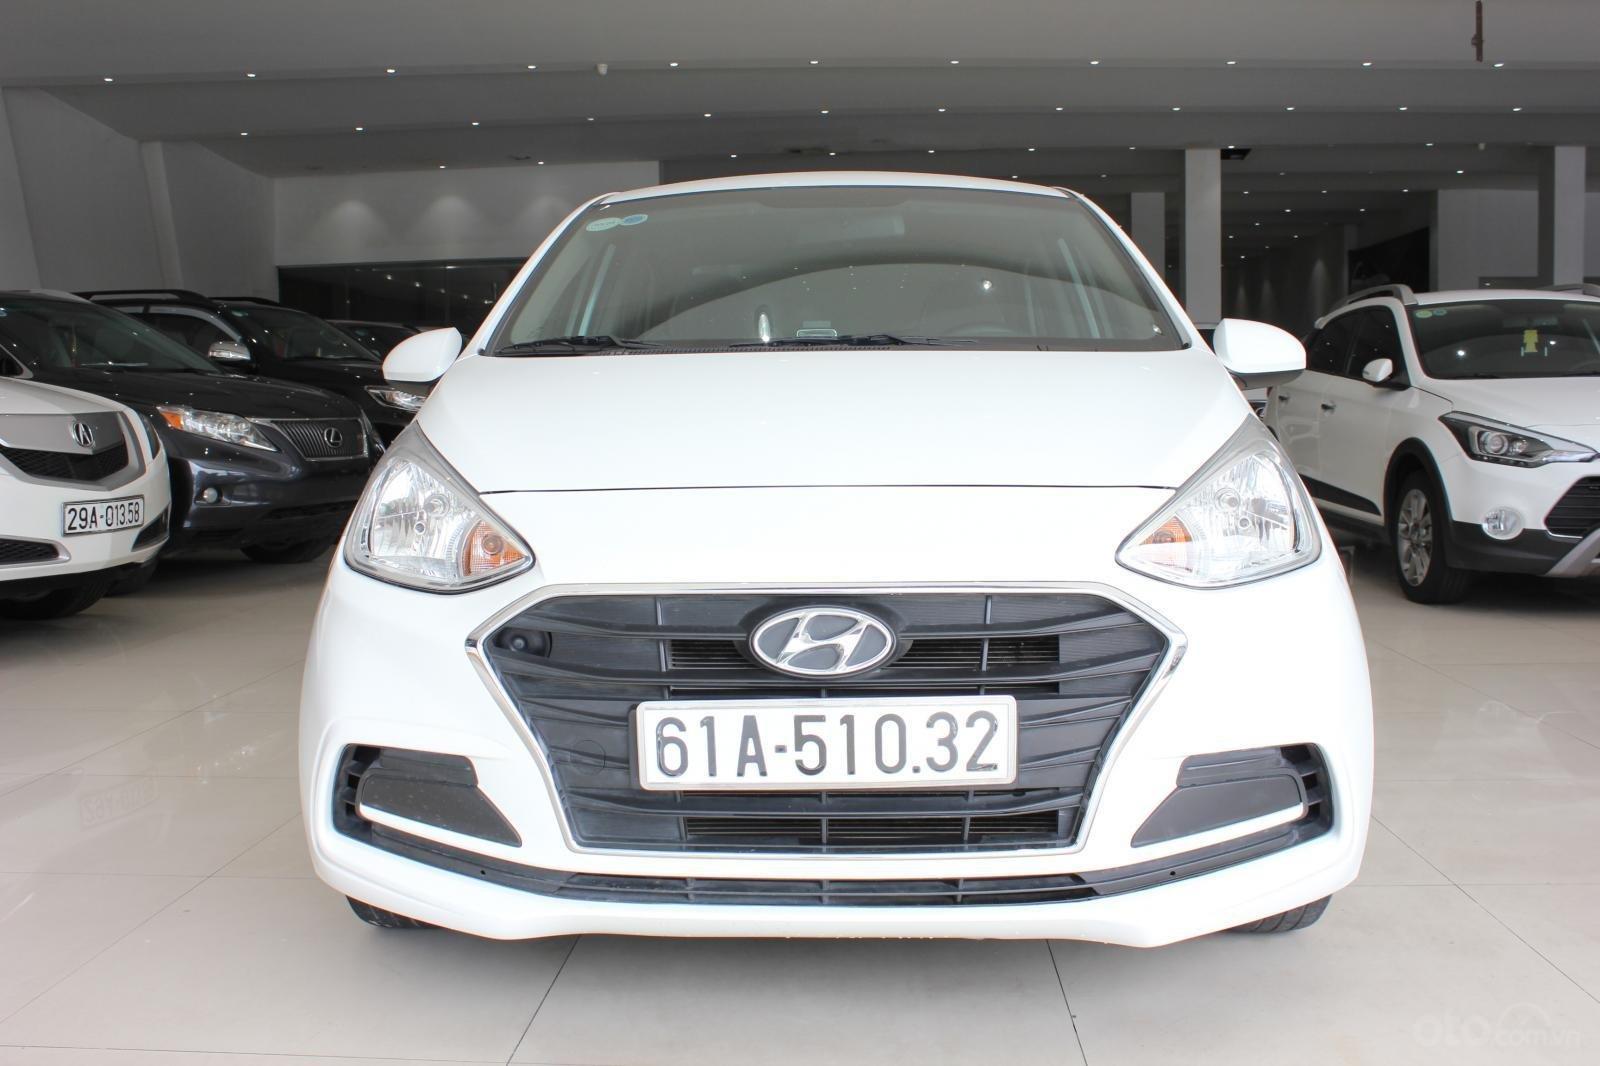 Cần bán xe Hyundai Grand i10 1.2 MT, năm 2018, màu trắng, giá 335tr (2)